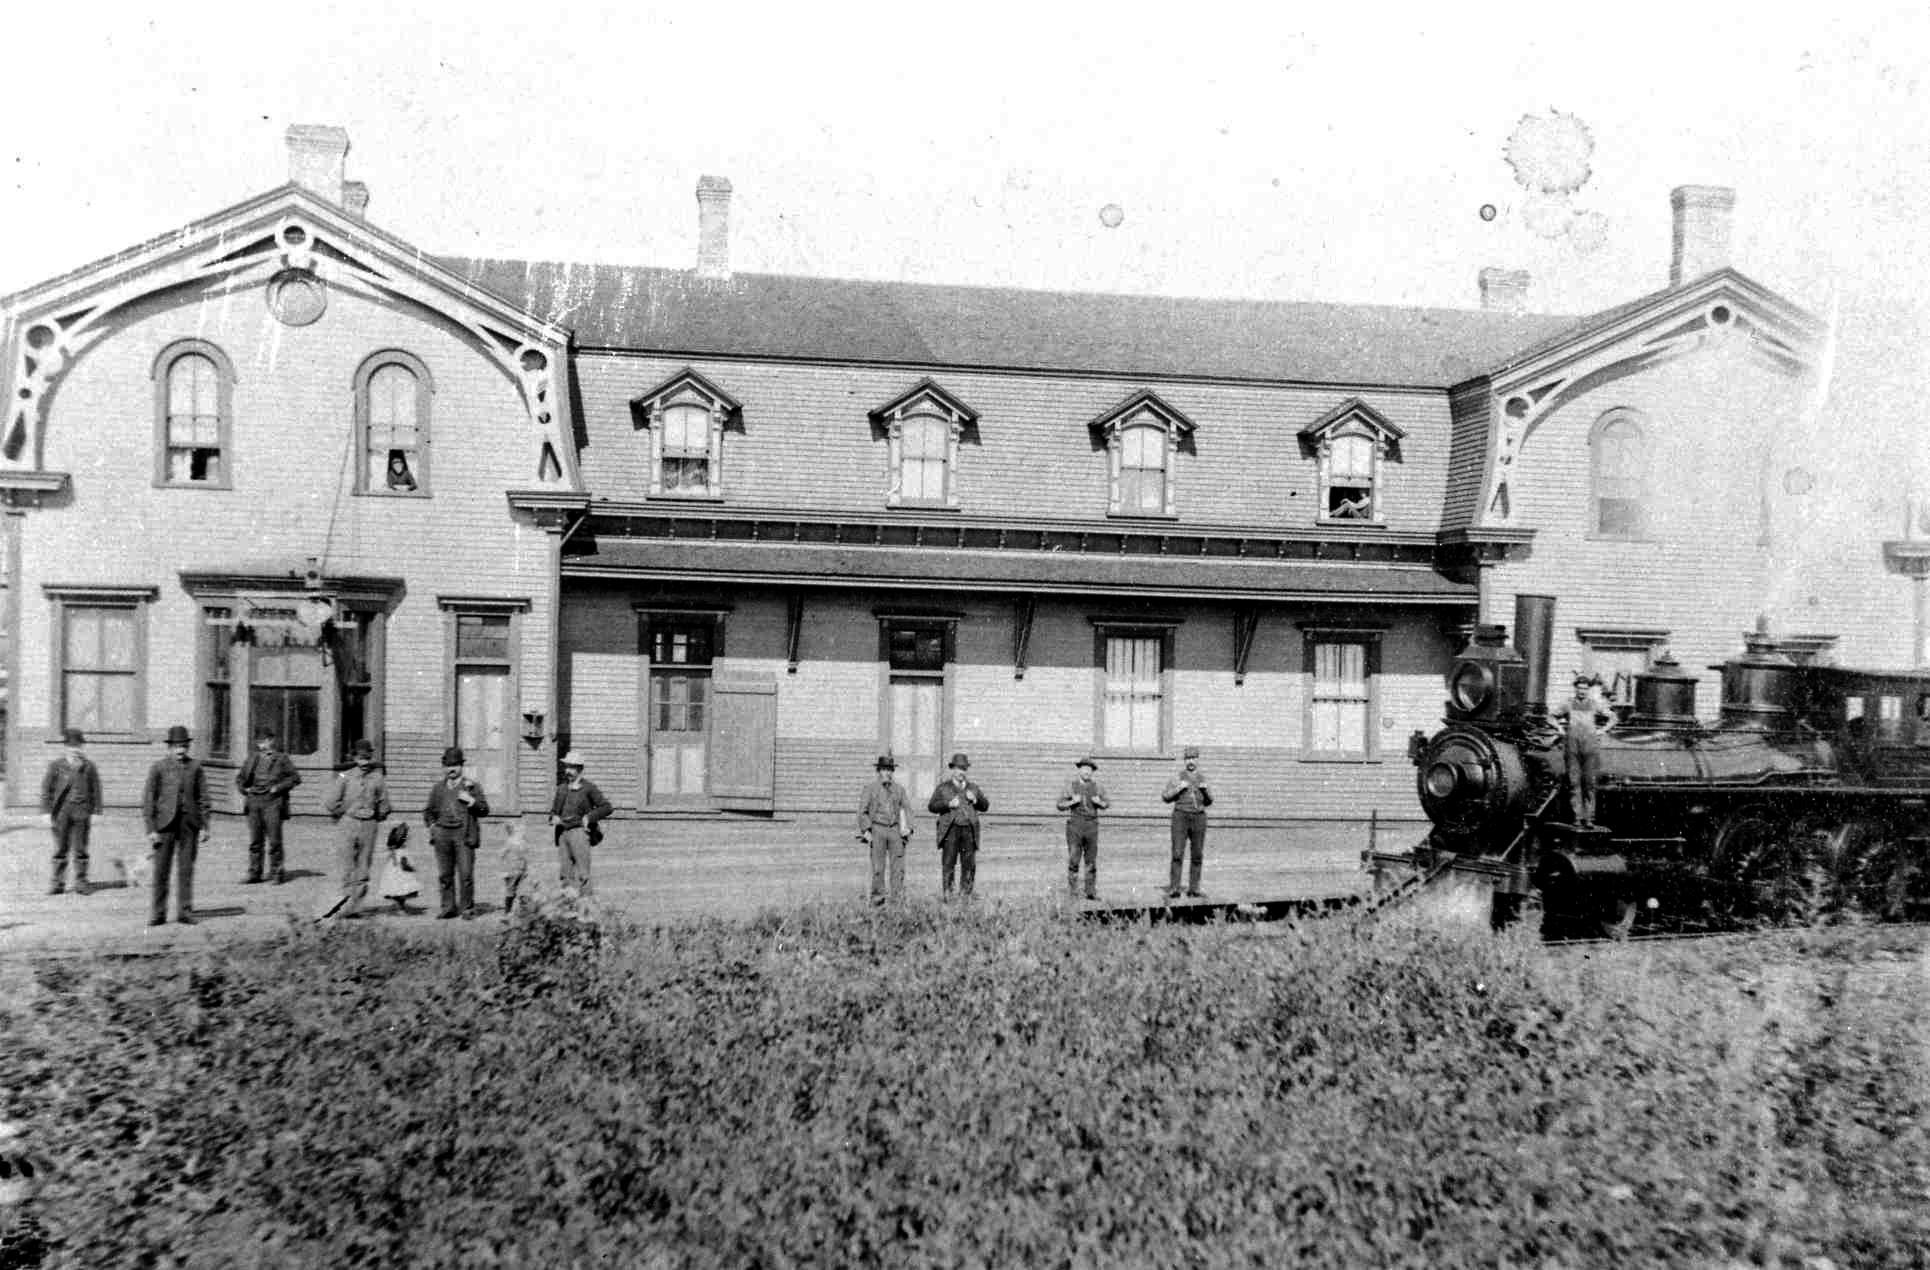 Ancienne gare de Charny